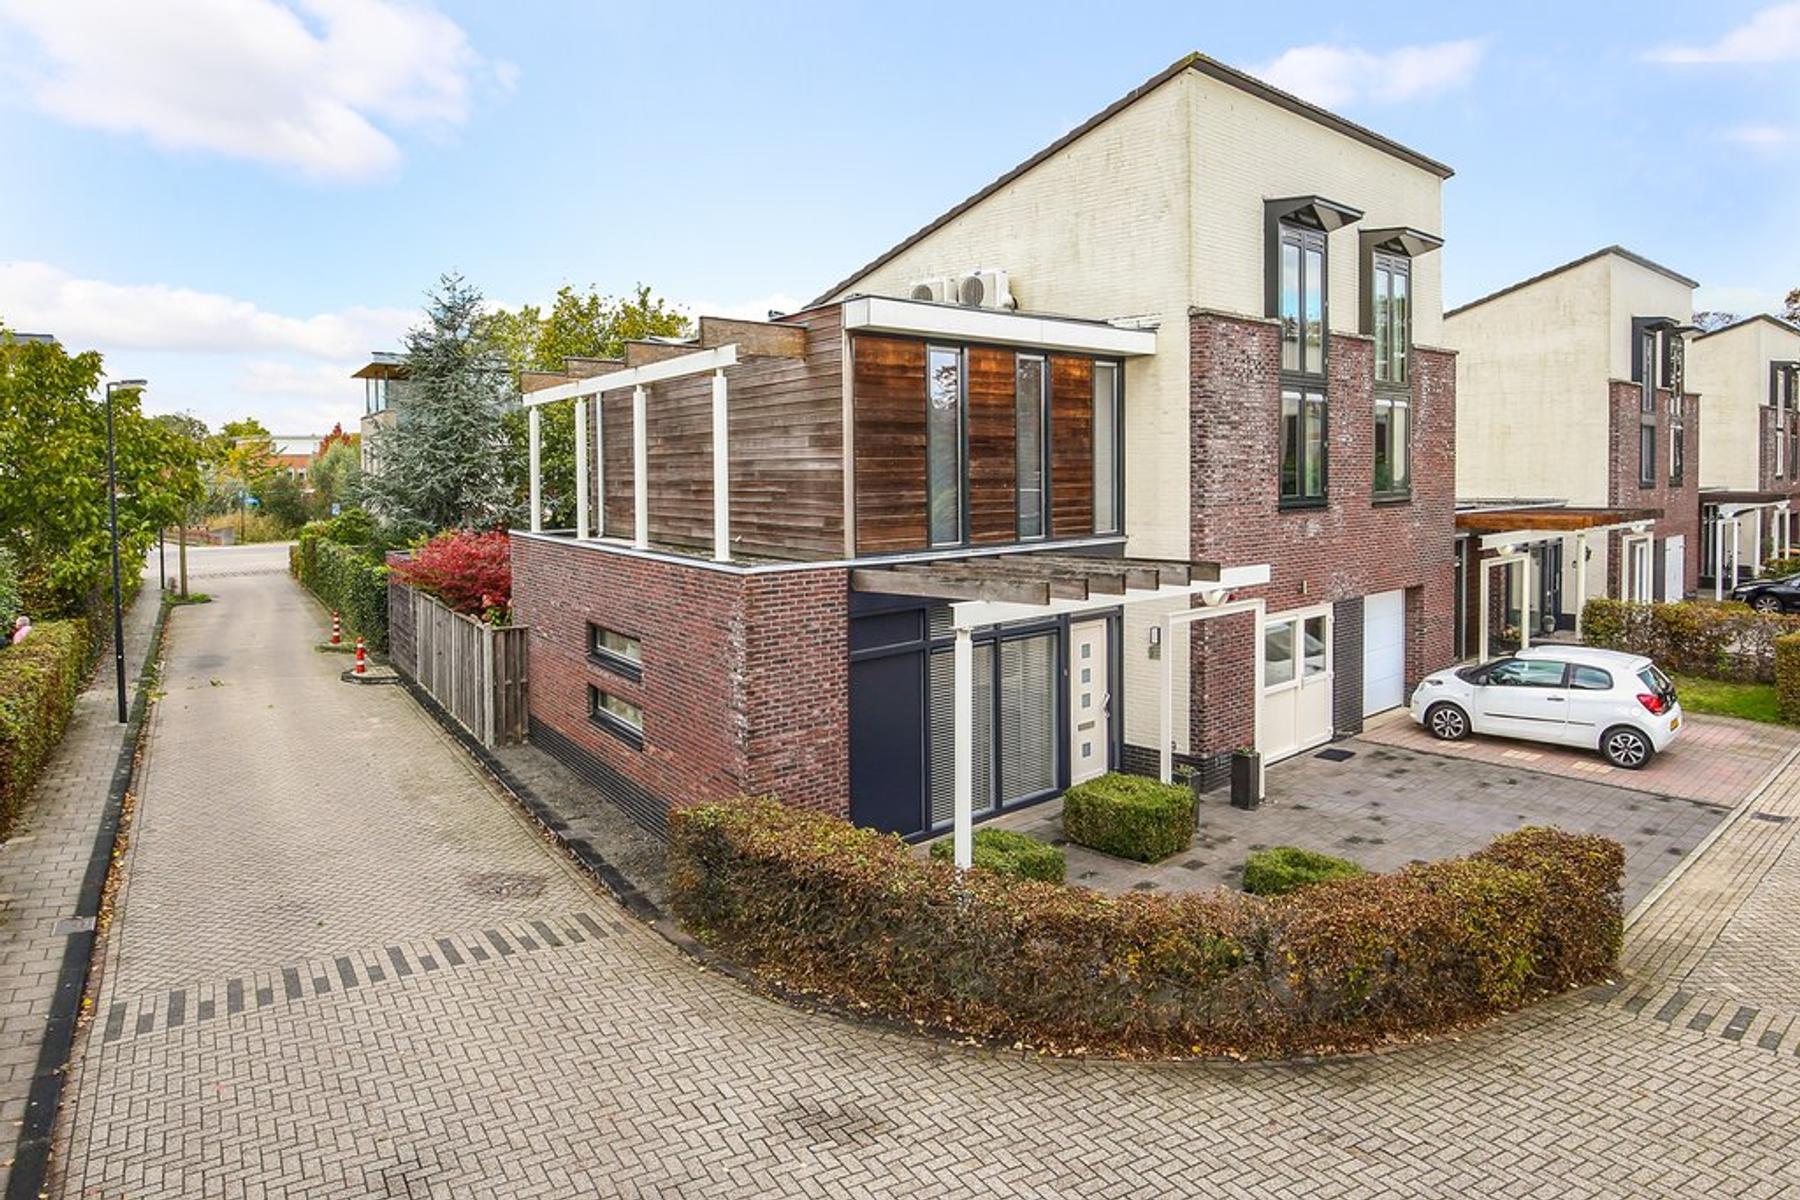 Dirk Schaferstraat 1 in Deventer 7425 HJ